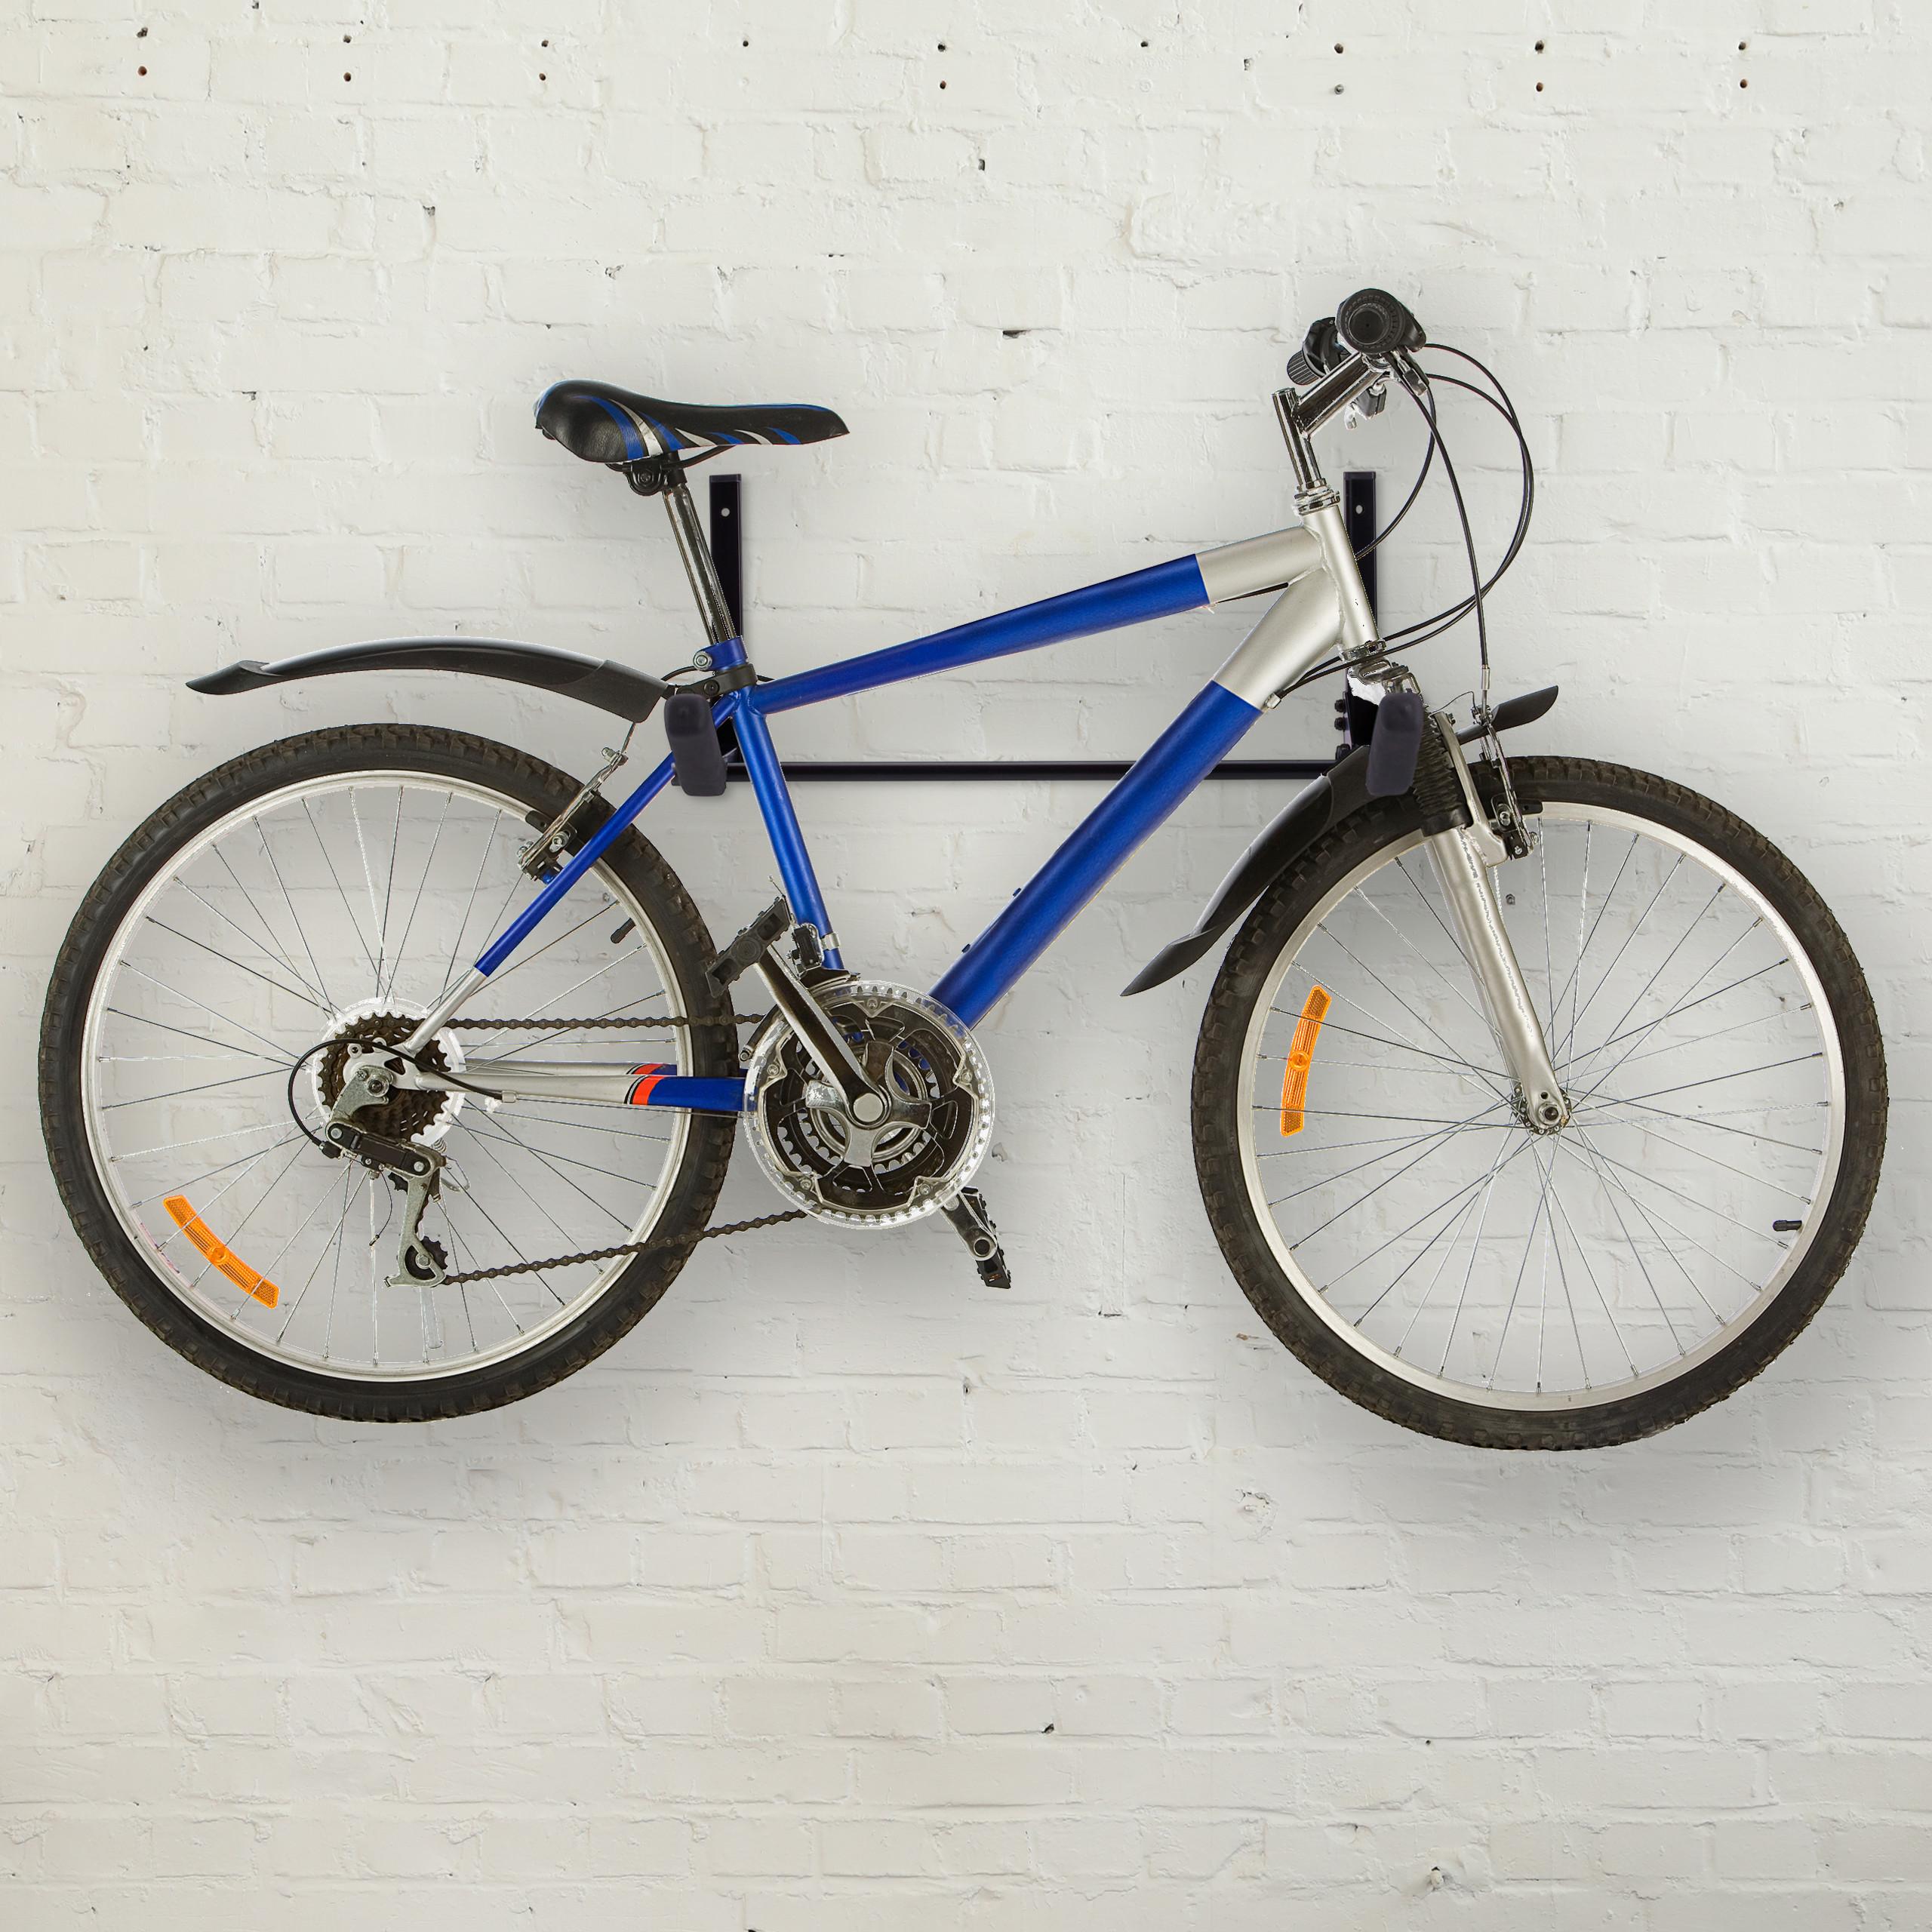 fahrrad wandhalterung fahrradhalterung radhalter klappbar. Black Bedroom Furniture Sets. Home Design Ideas